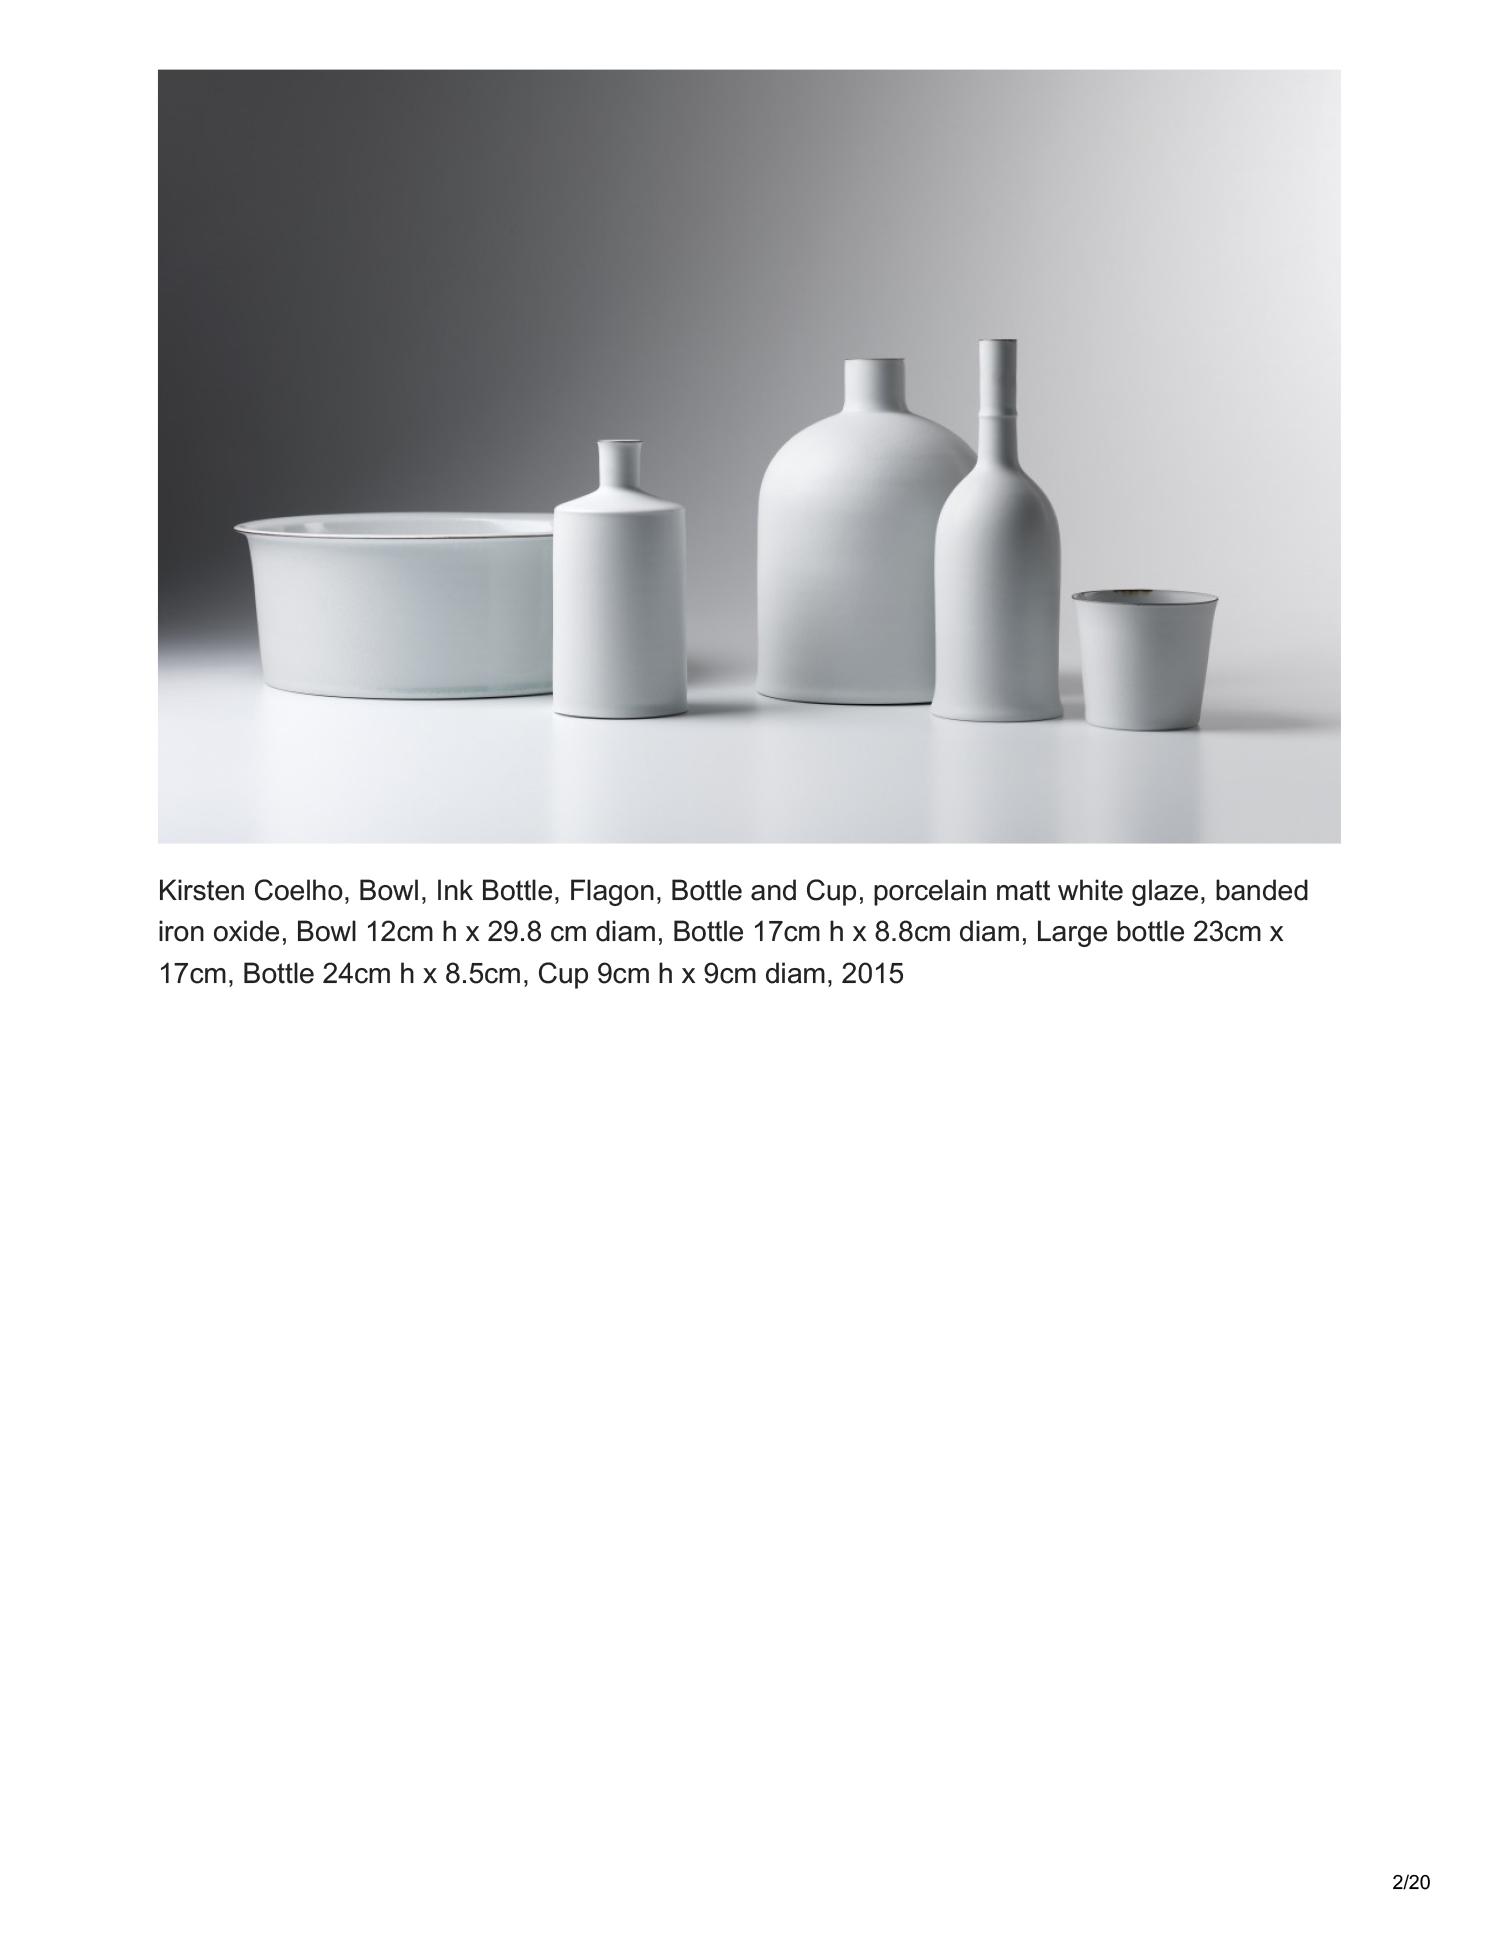 Still Kirsten Coelhos ceramics-2.jpg